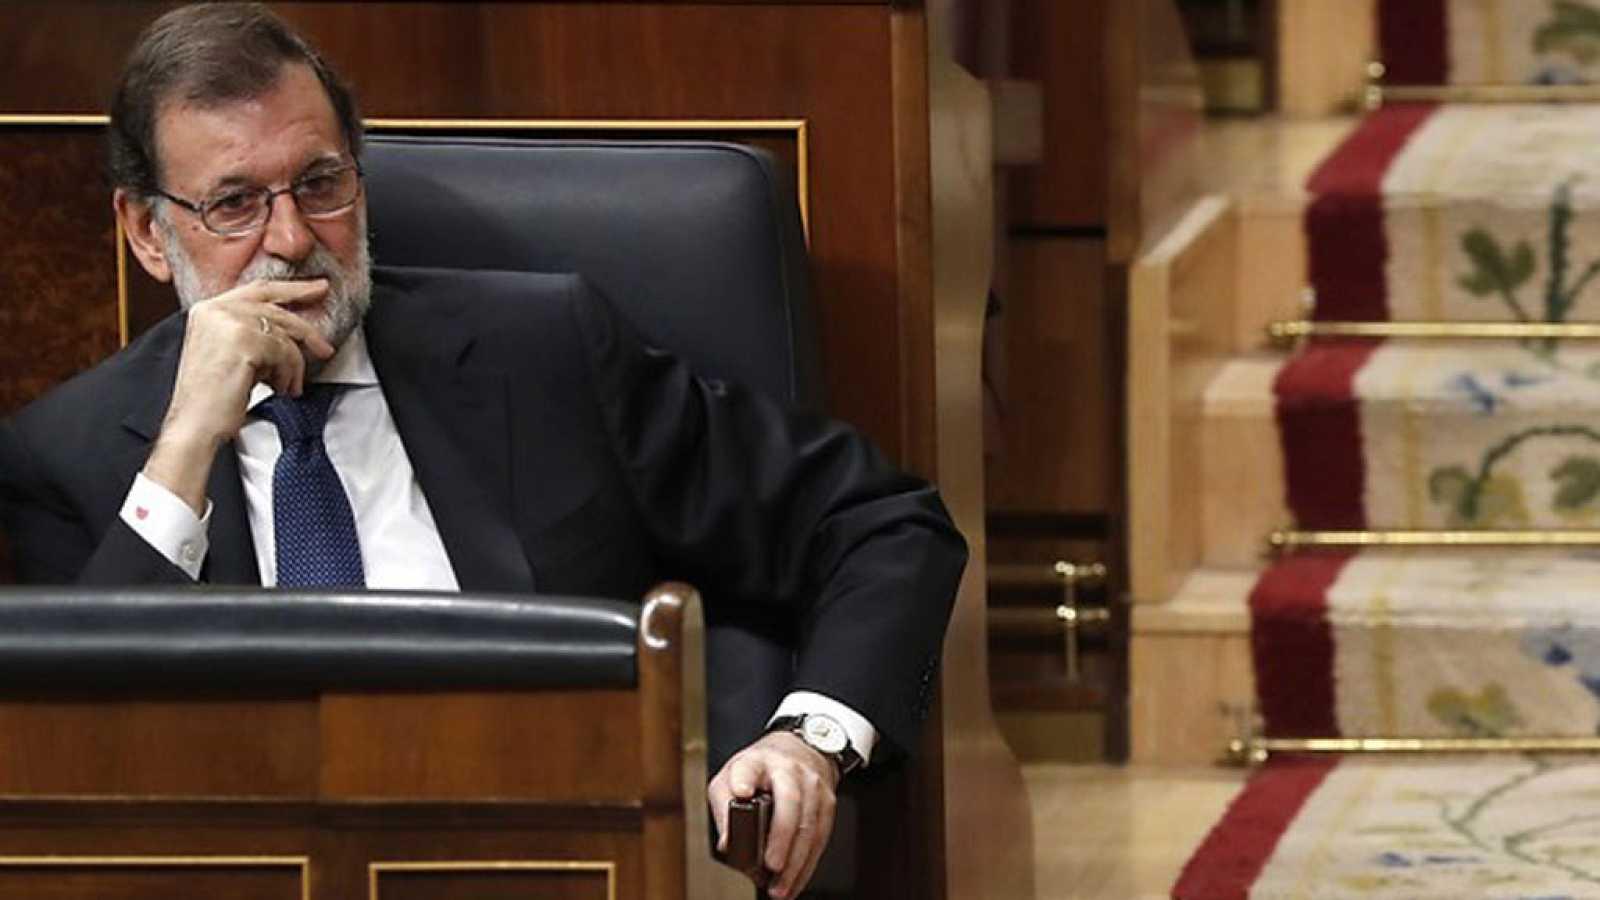 Rajoy asegura que en Cataluña no hay más salida que celebrar elecciones y restablecer la legalidad